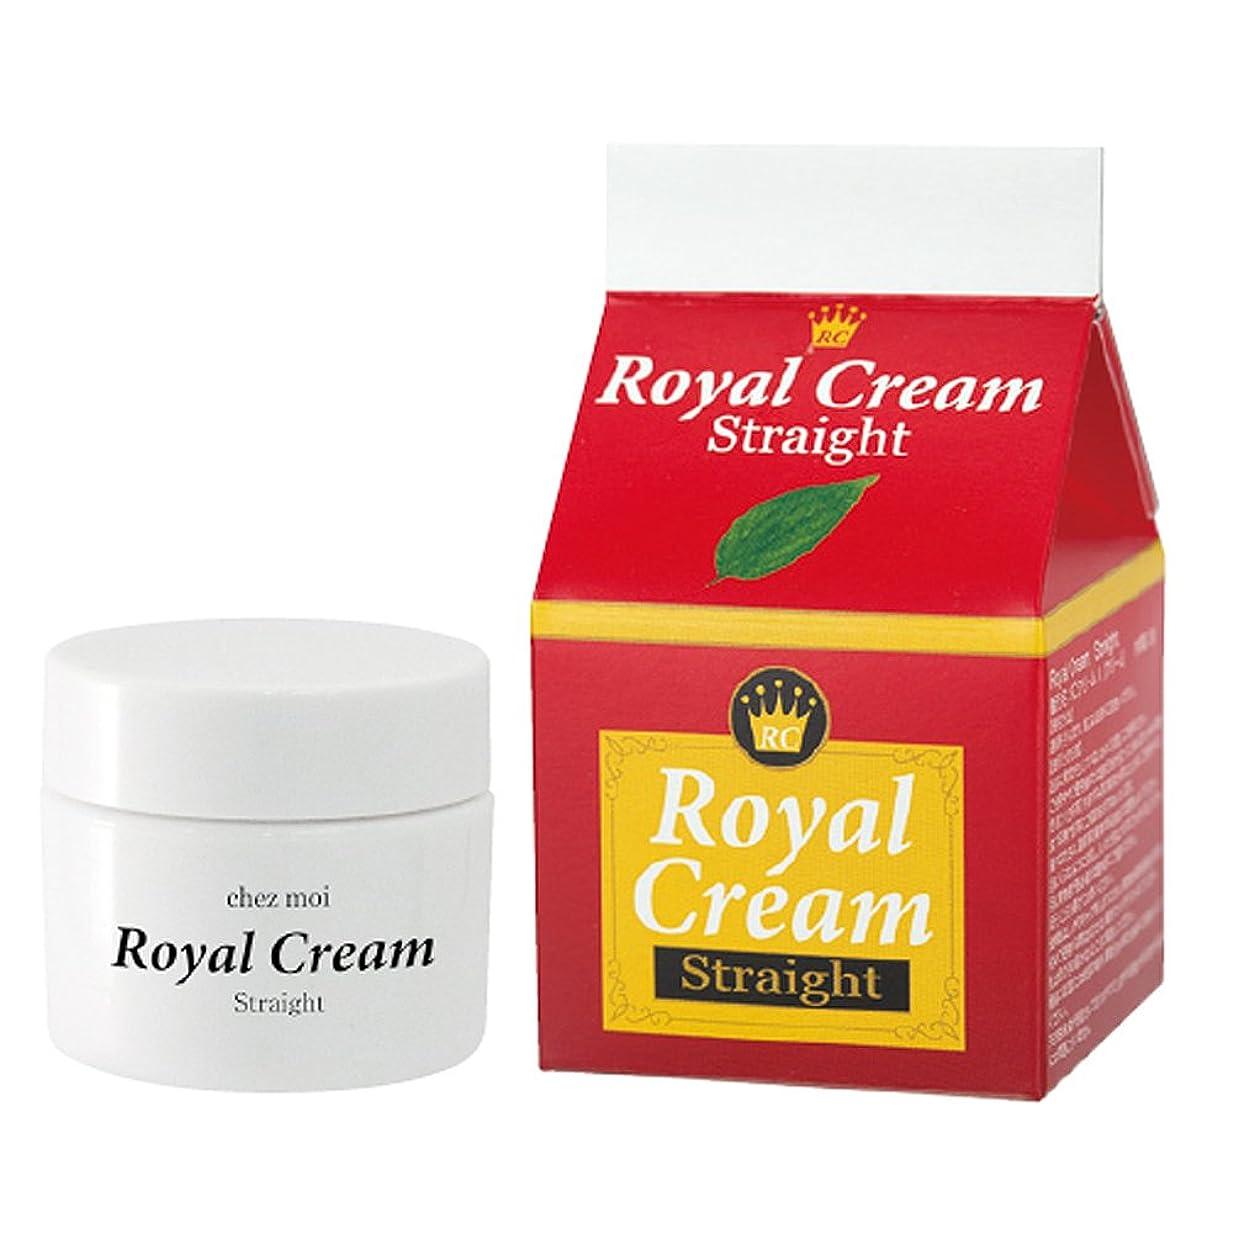 スペイン語軸ストレンジャーシェモア Royal Cream Straight(ロイヤルクリームストレート) 30g